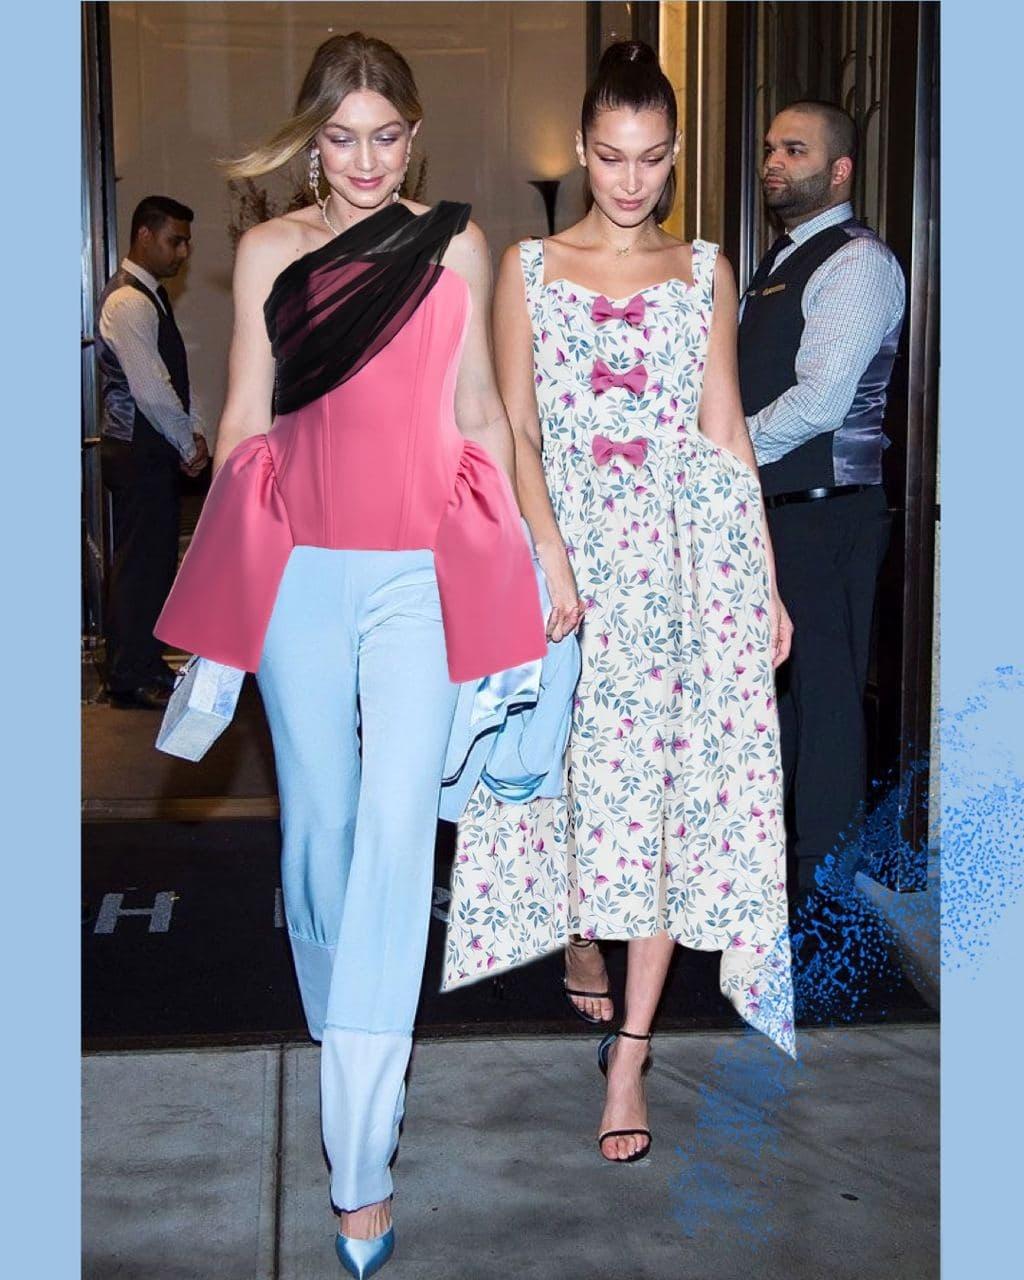 Звездный флешмоб: дизайнер Дарья Донец в шутку примерила свои наряды на мировых знаменитостях (ФОТО) - фото №6